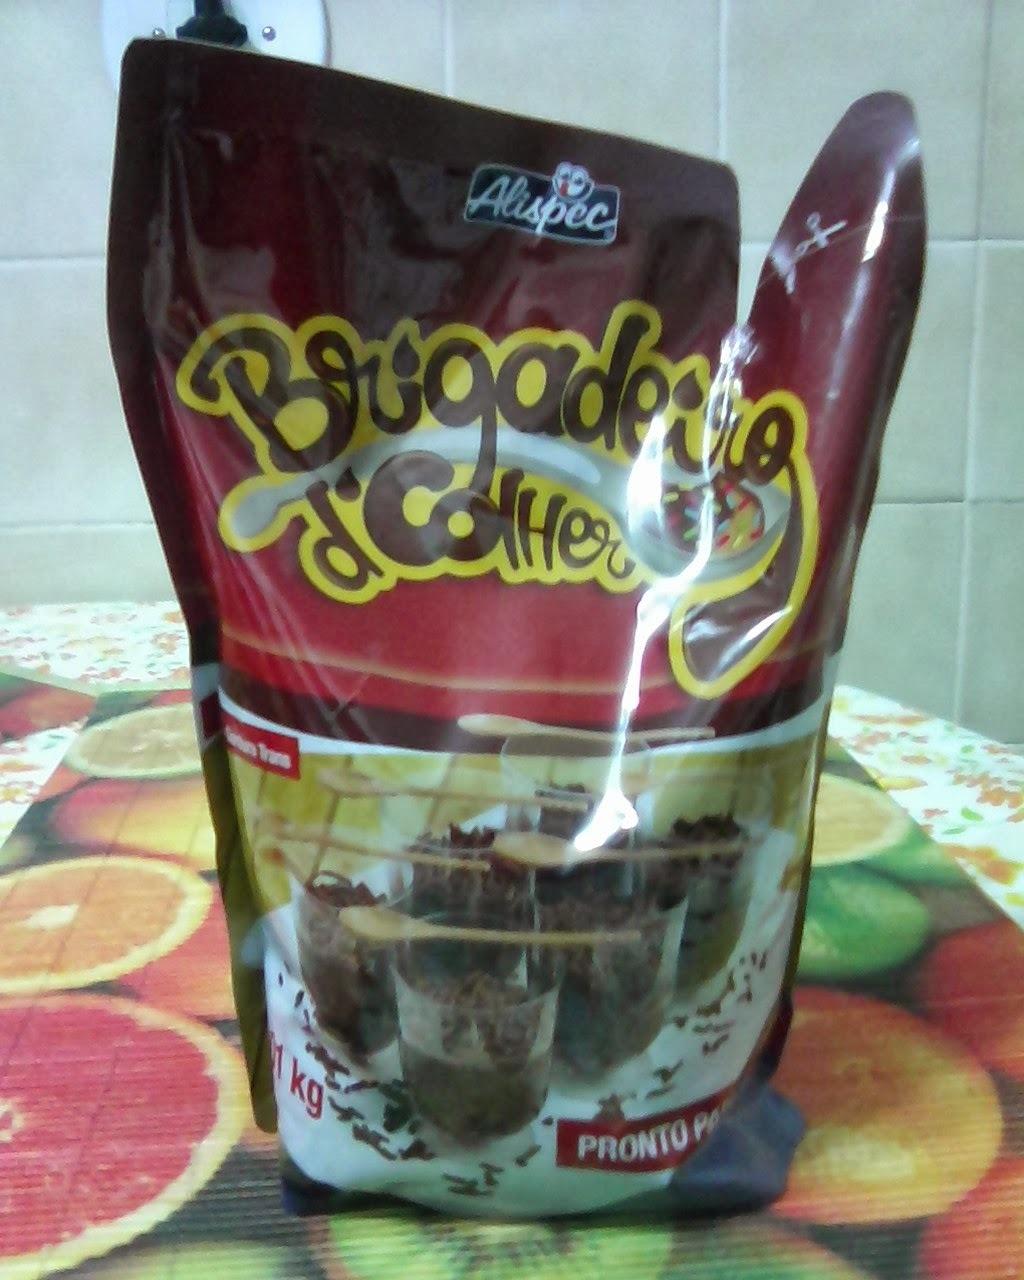 doce feito com bolacha de maizena maizena e chocolate que vai na geladeira